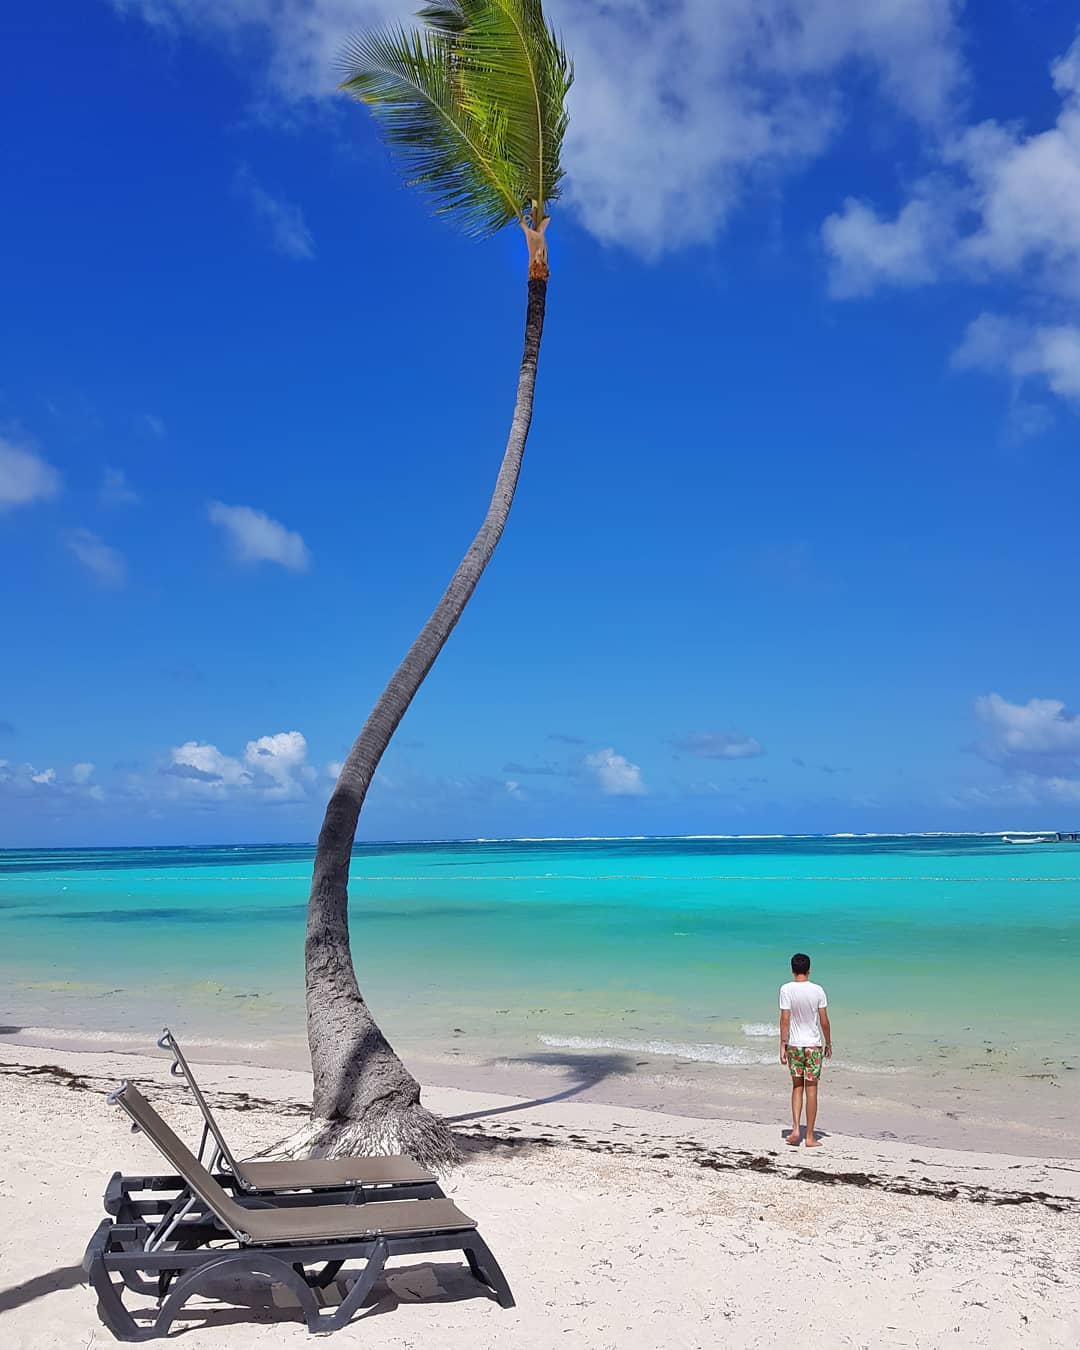 Апрель пляжный отдых страны - Доминикана